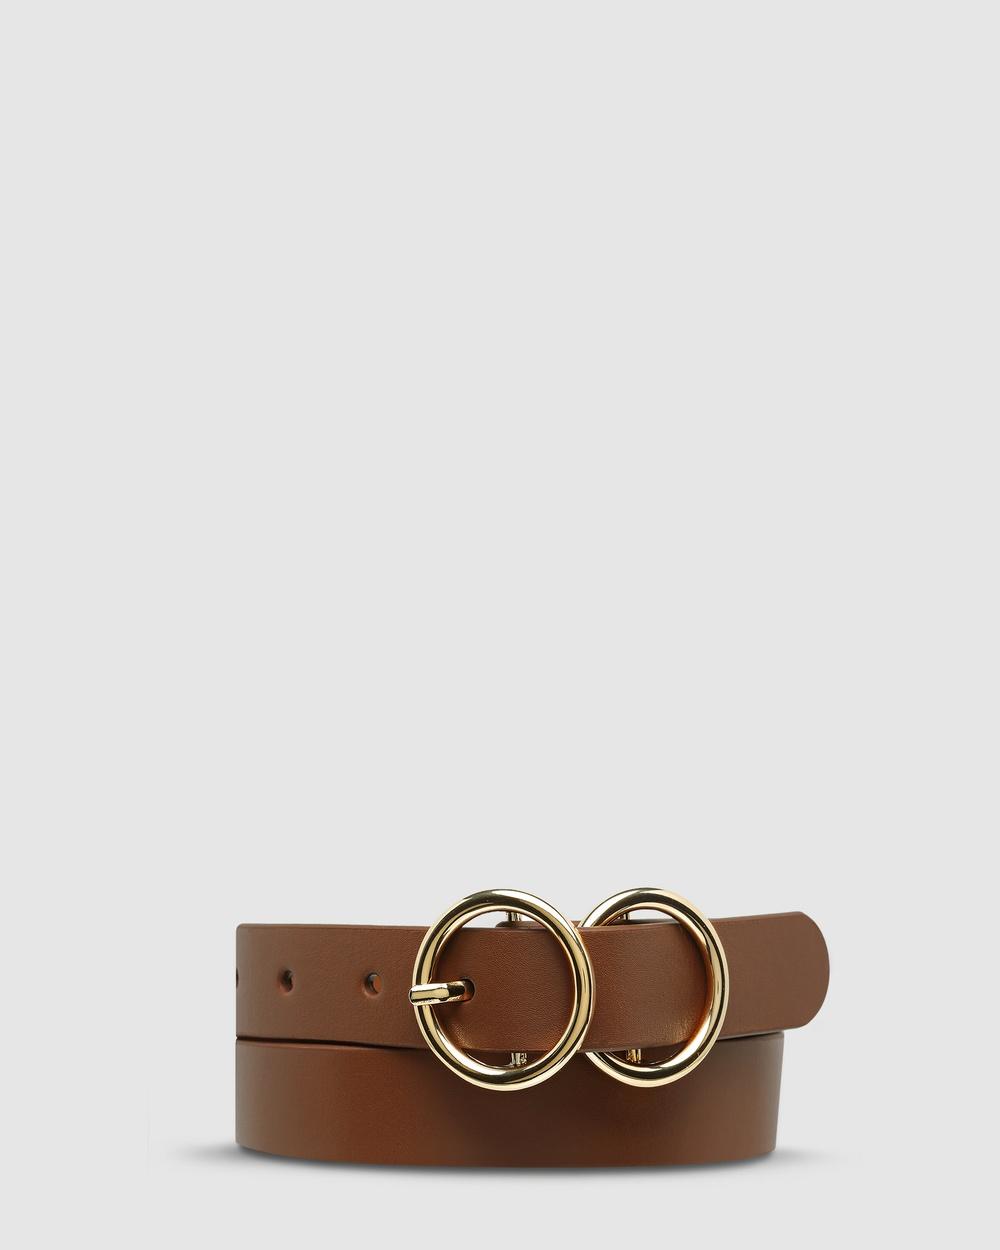 Status Anxiety Mislaid Skinny Belt Belts Tan/Gold